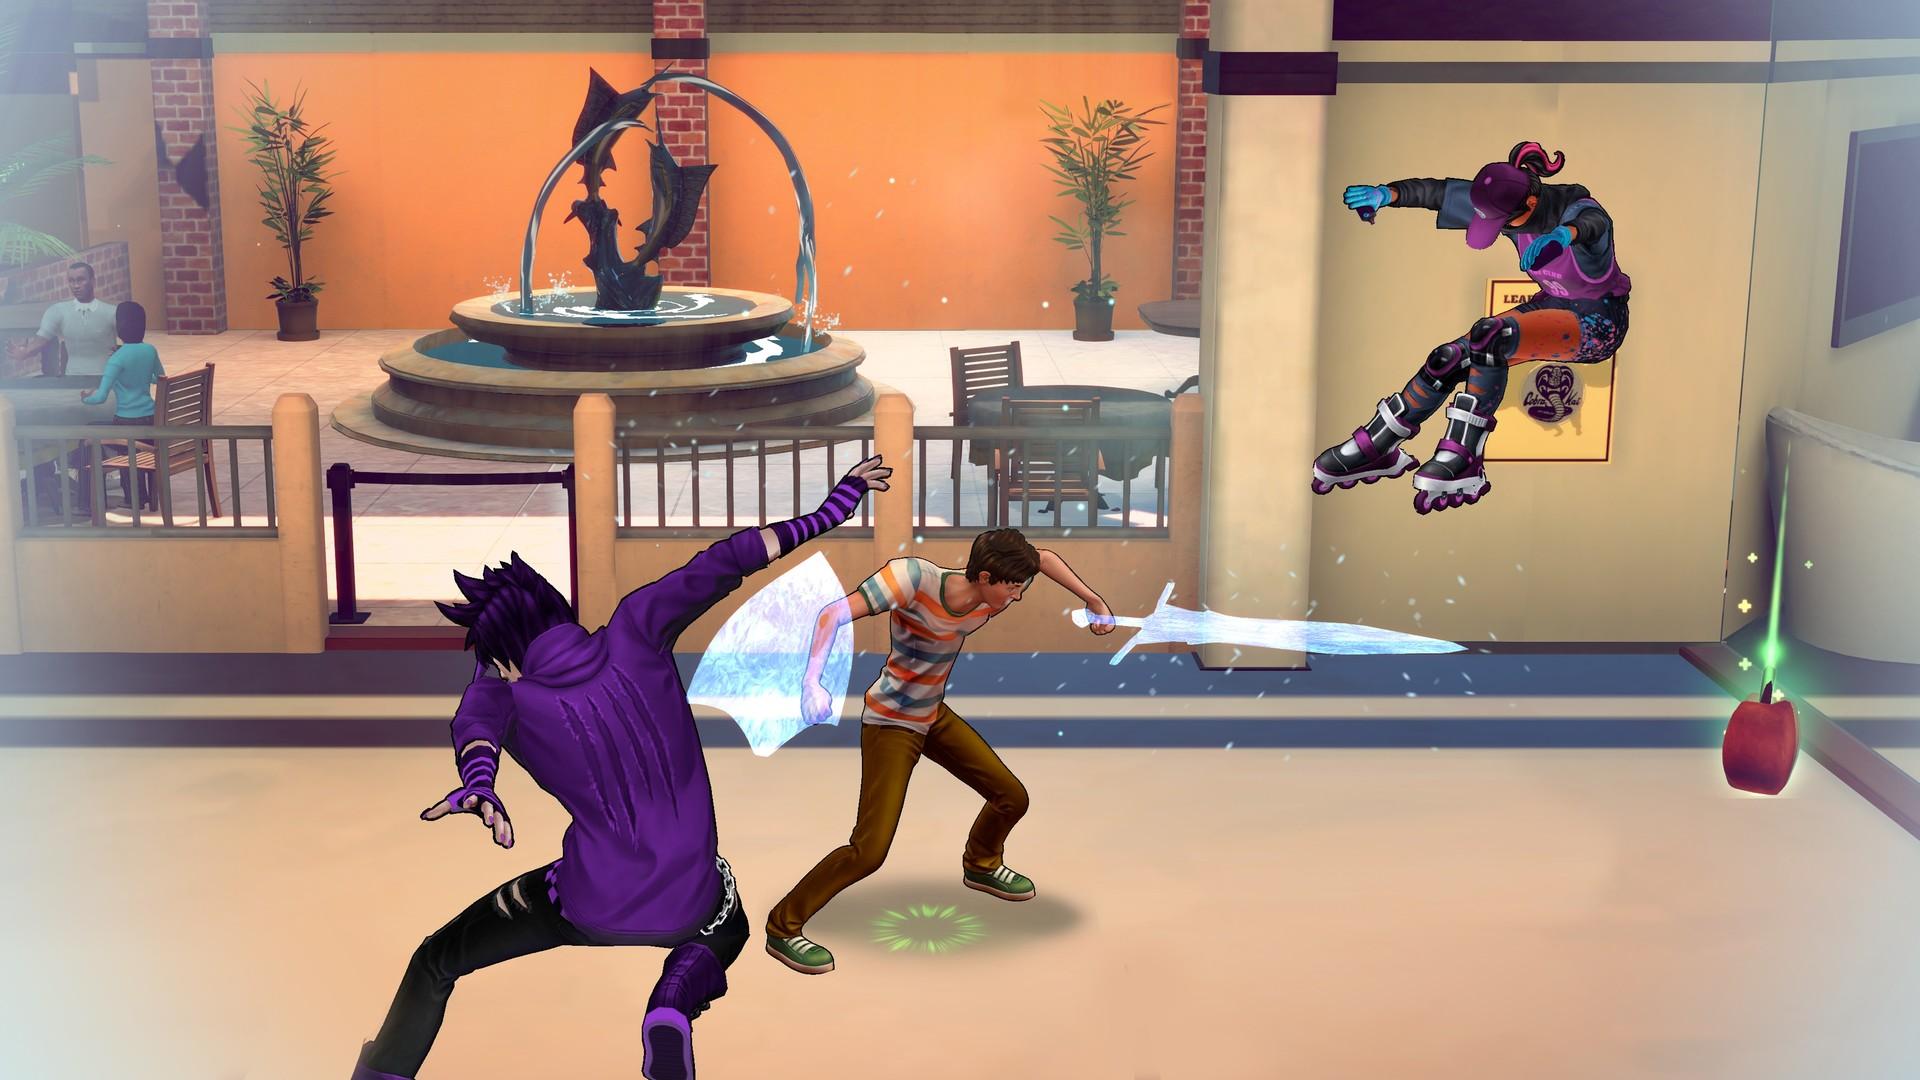 cobra-kai-the-karate-kid-saga-continues-pc-screenshot-04